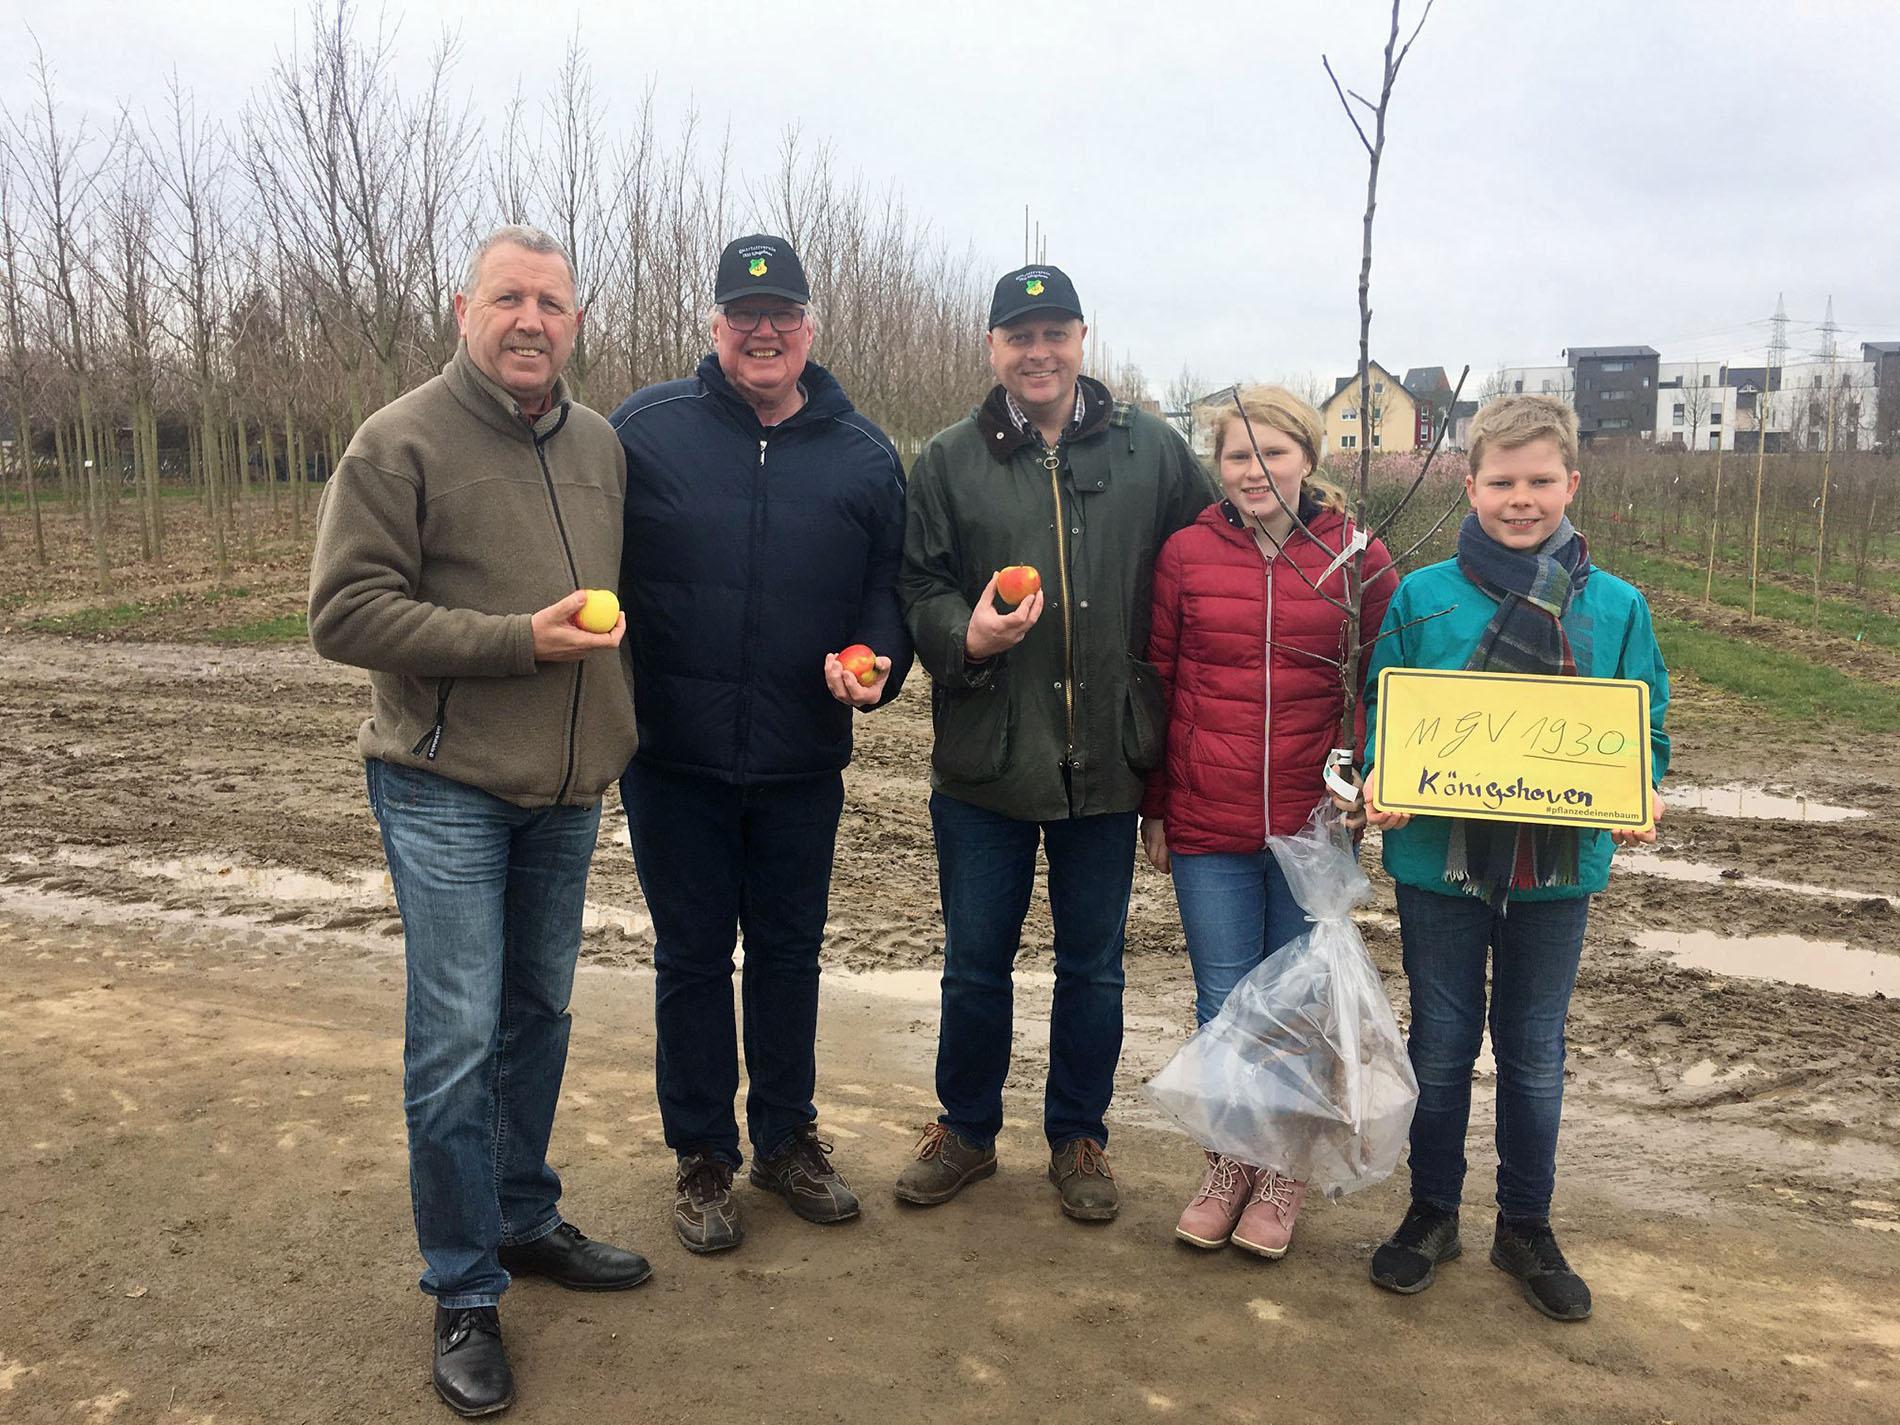 """Als Gewinner für die Stadt Bedburg holt der Königshovener MGV seinen WDR-Apfelbaum """"Kaiser Wilhelm"""" nach Königshoven und freut sich schon auf das gemeinsame Apfelbaum-Pflanzevent."""